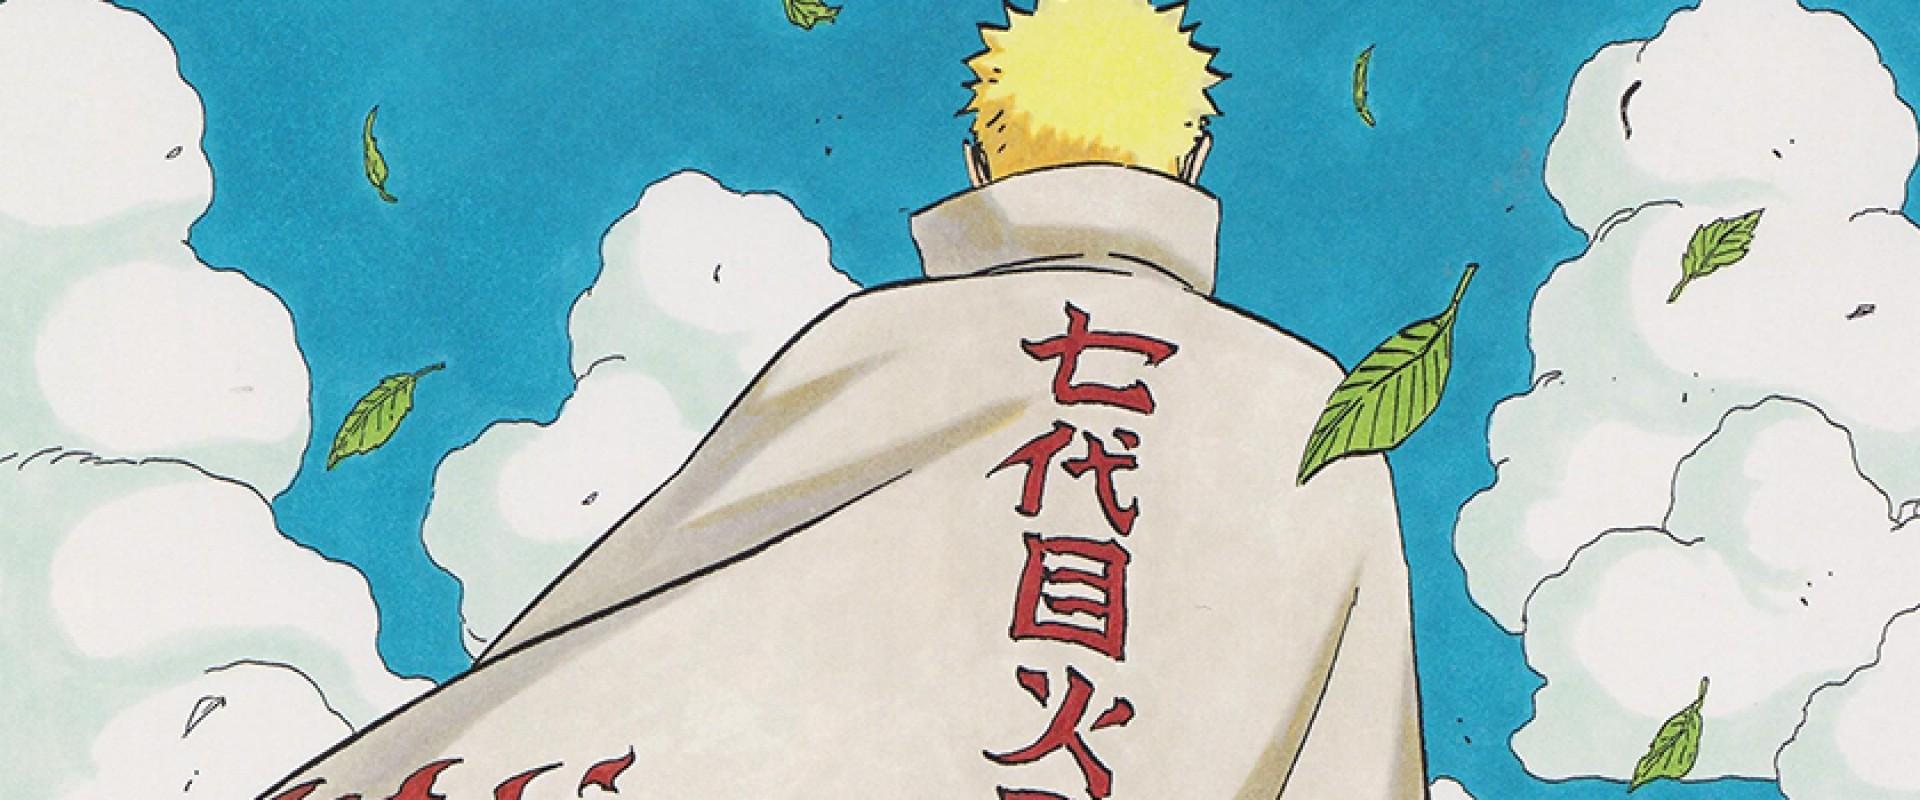 15 Citações Inspiradoras E Motivacionais De Naruto Que Vão